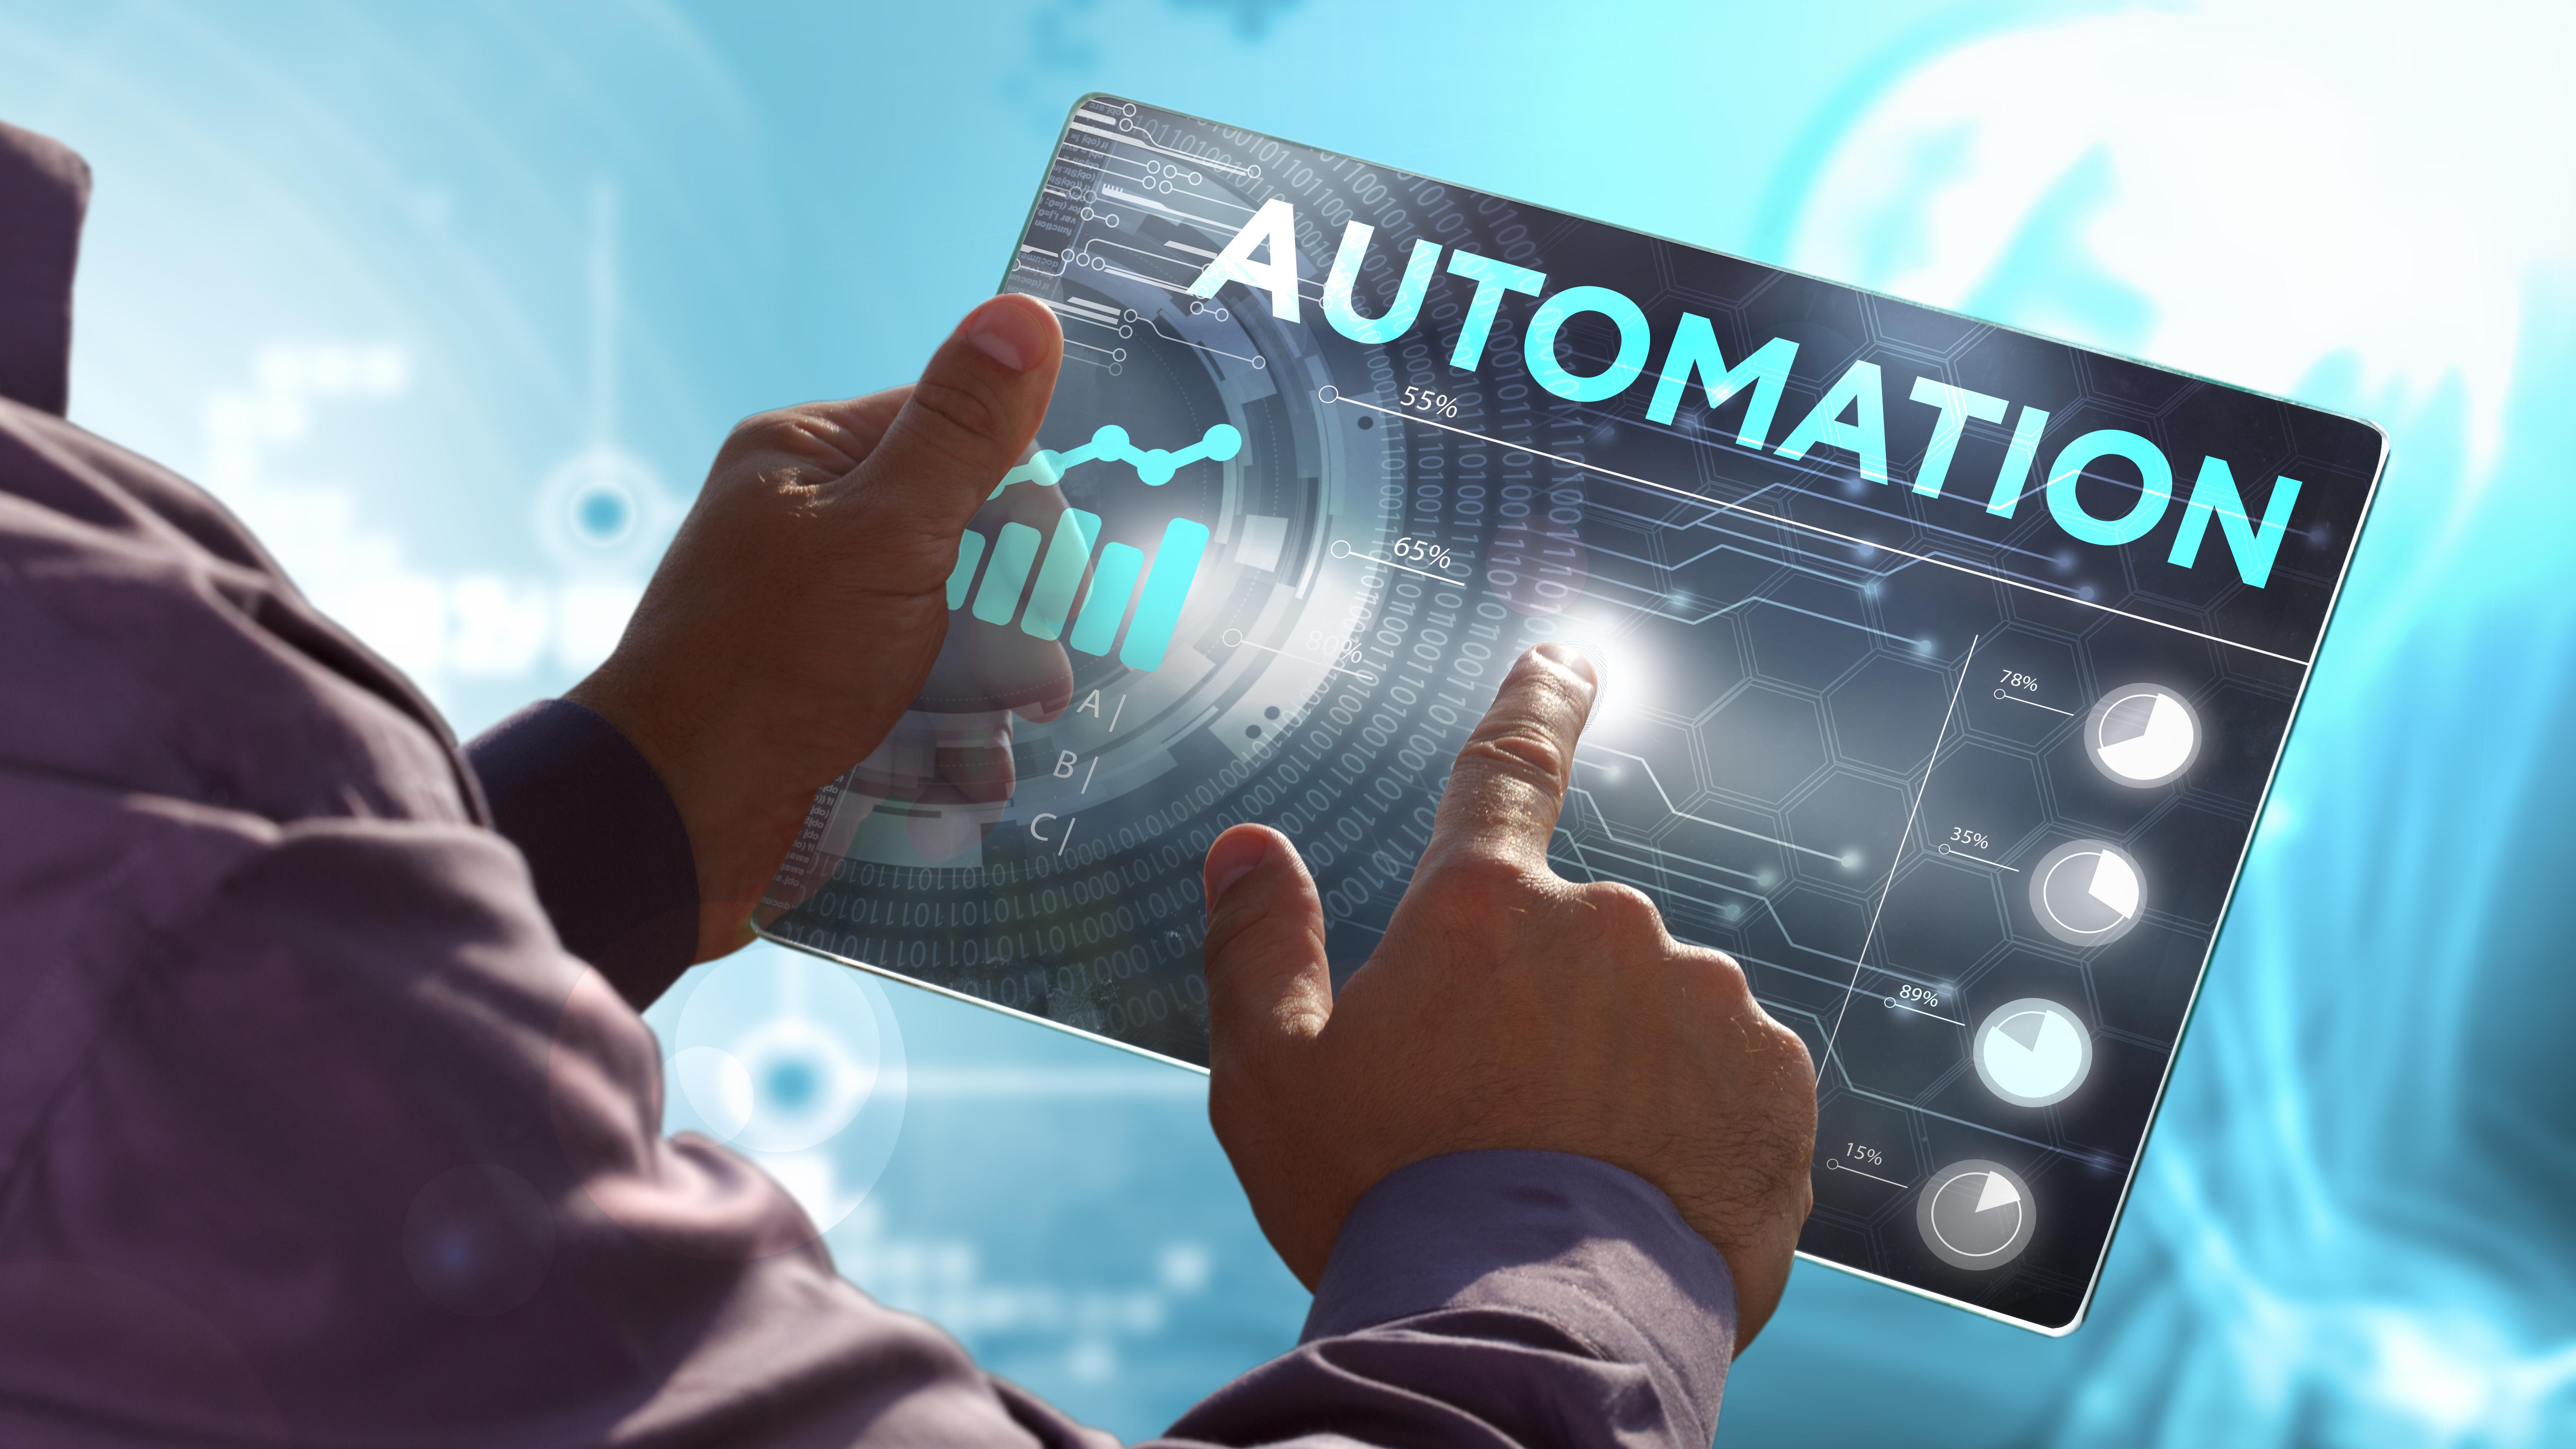 Il valore dell'automazione, anche in mobilità, per i sales nella gestione di offerte e ordini